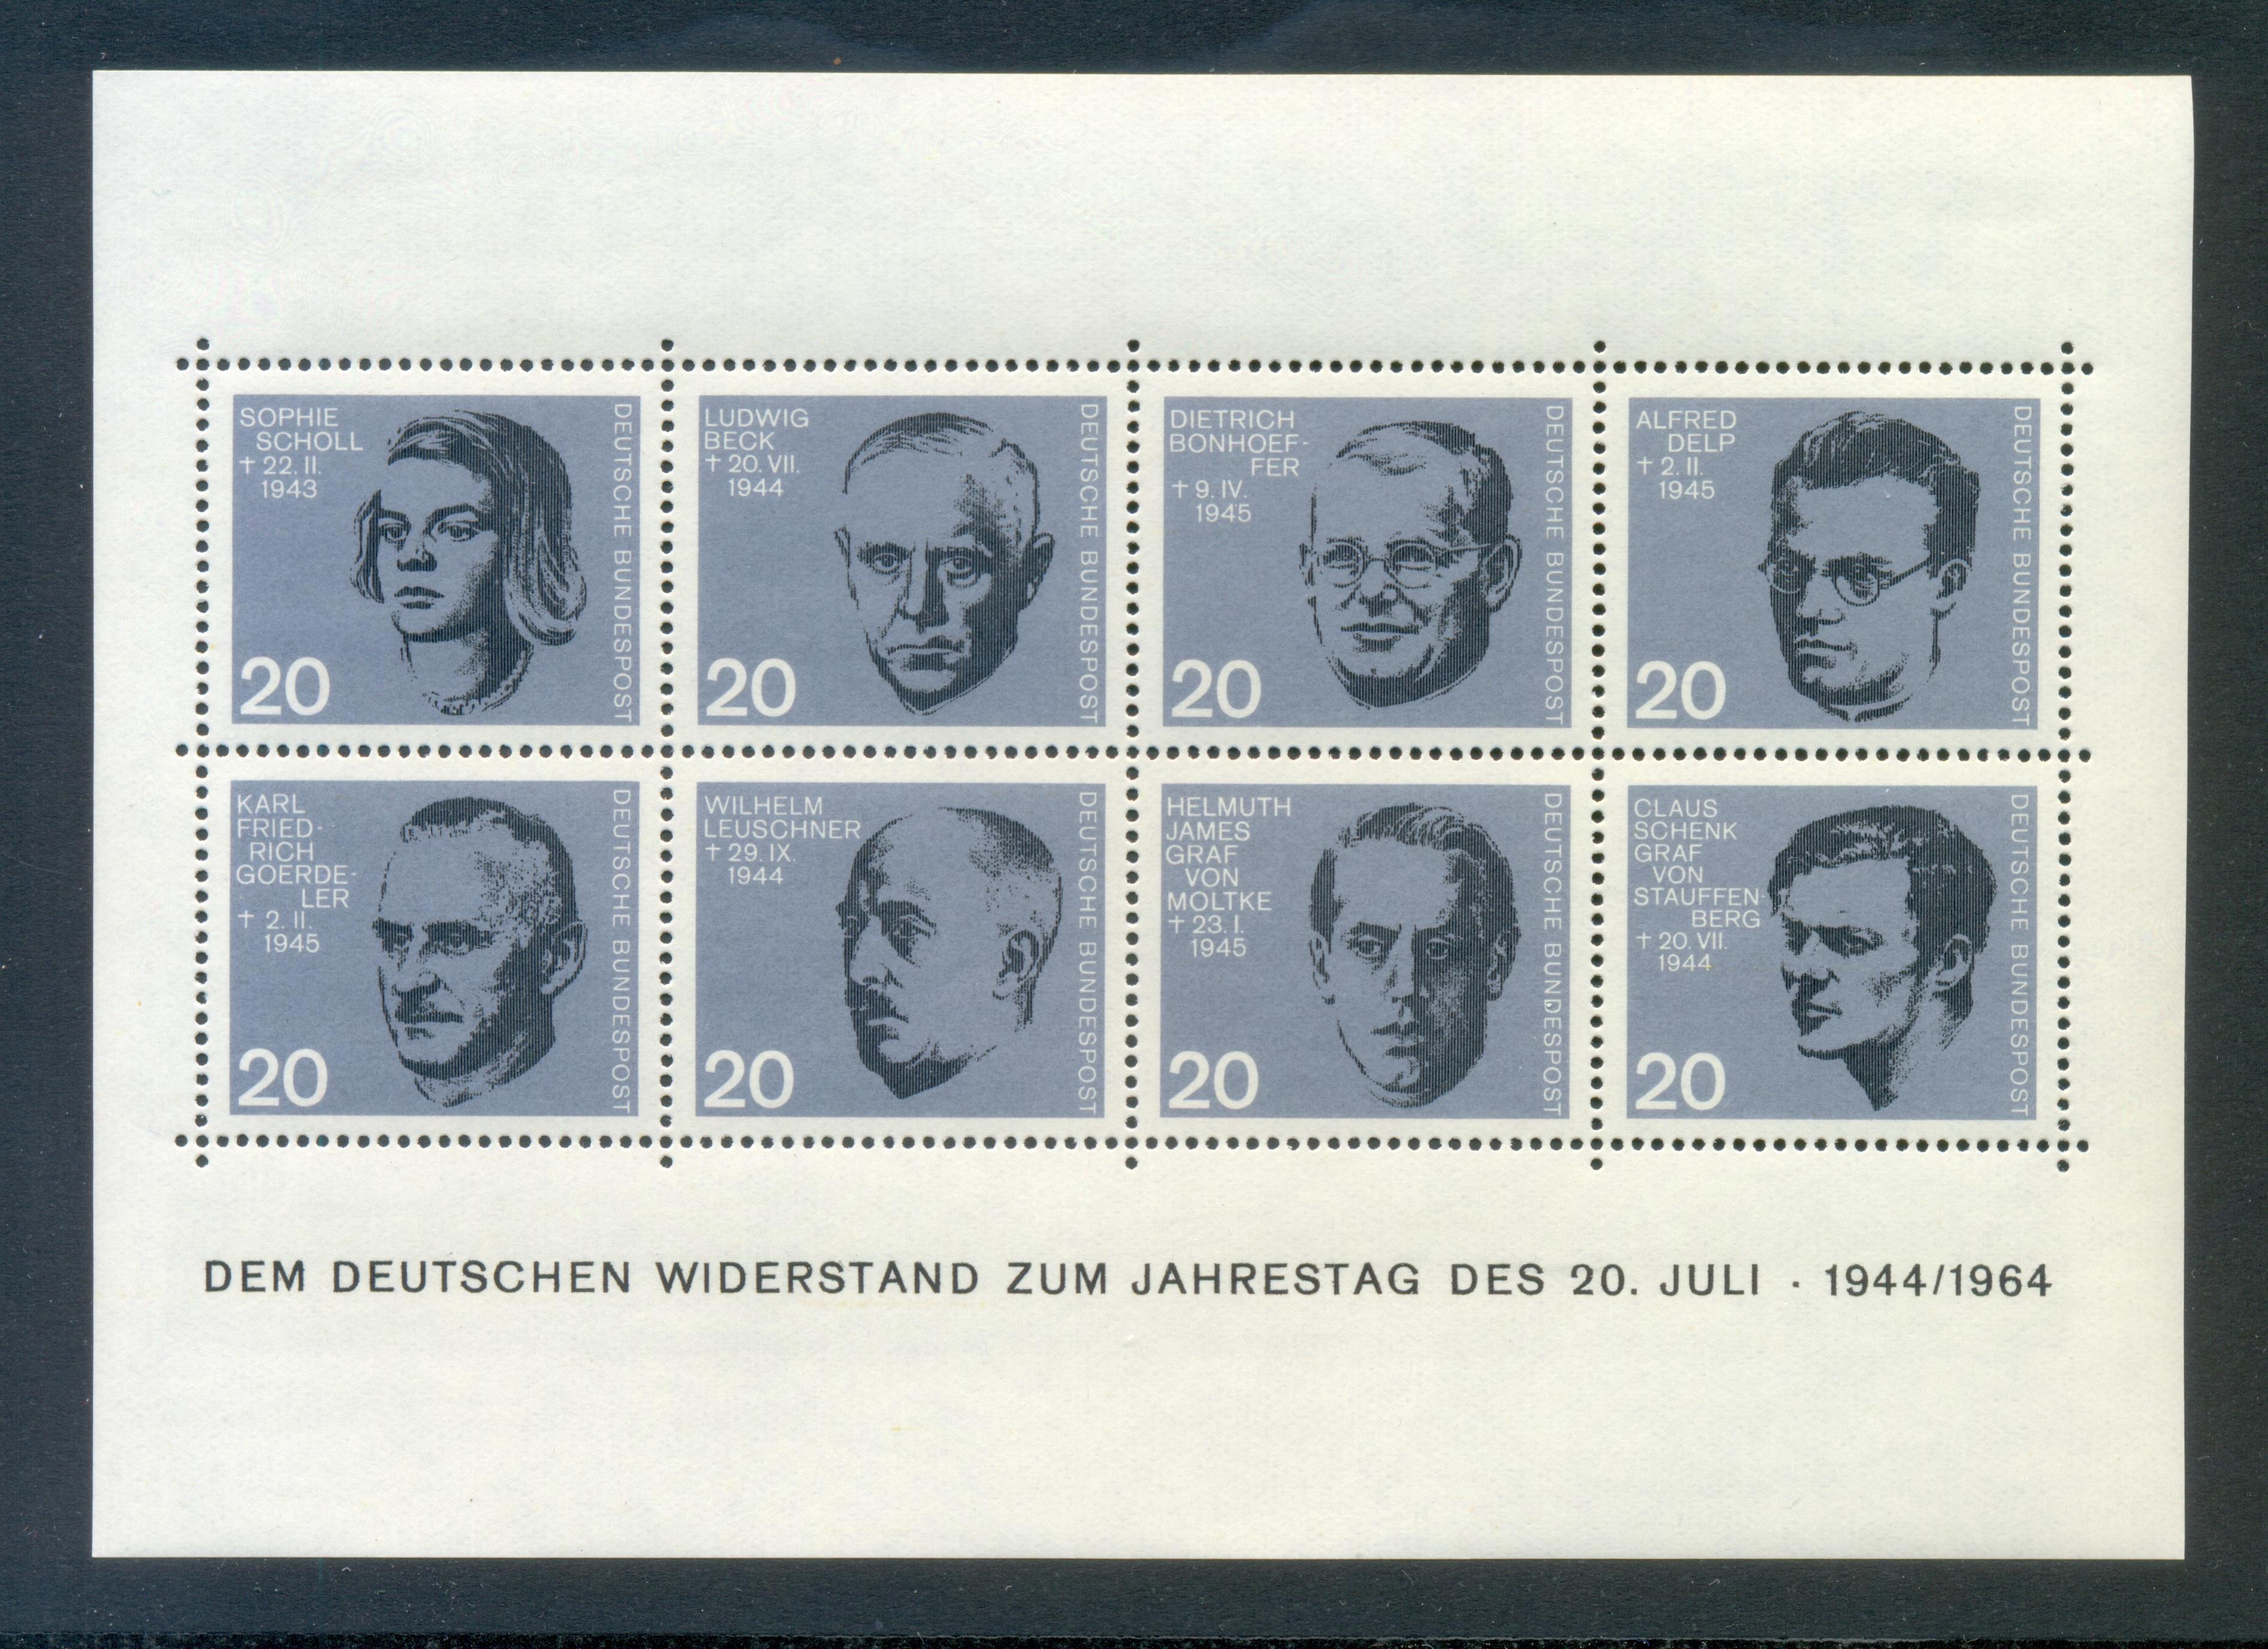 Bund Block 03 Widerstandskämpfer postfrisch